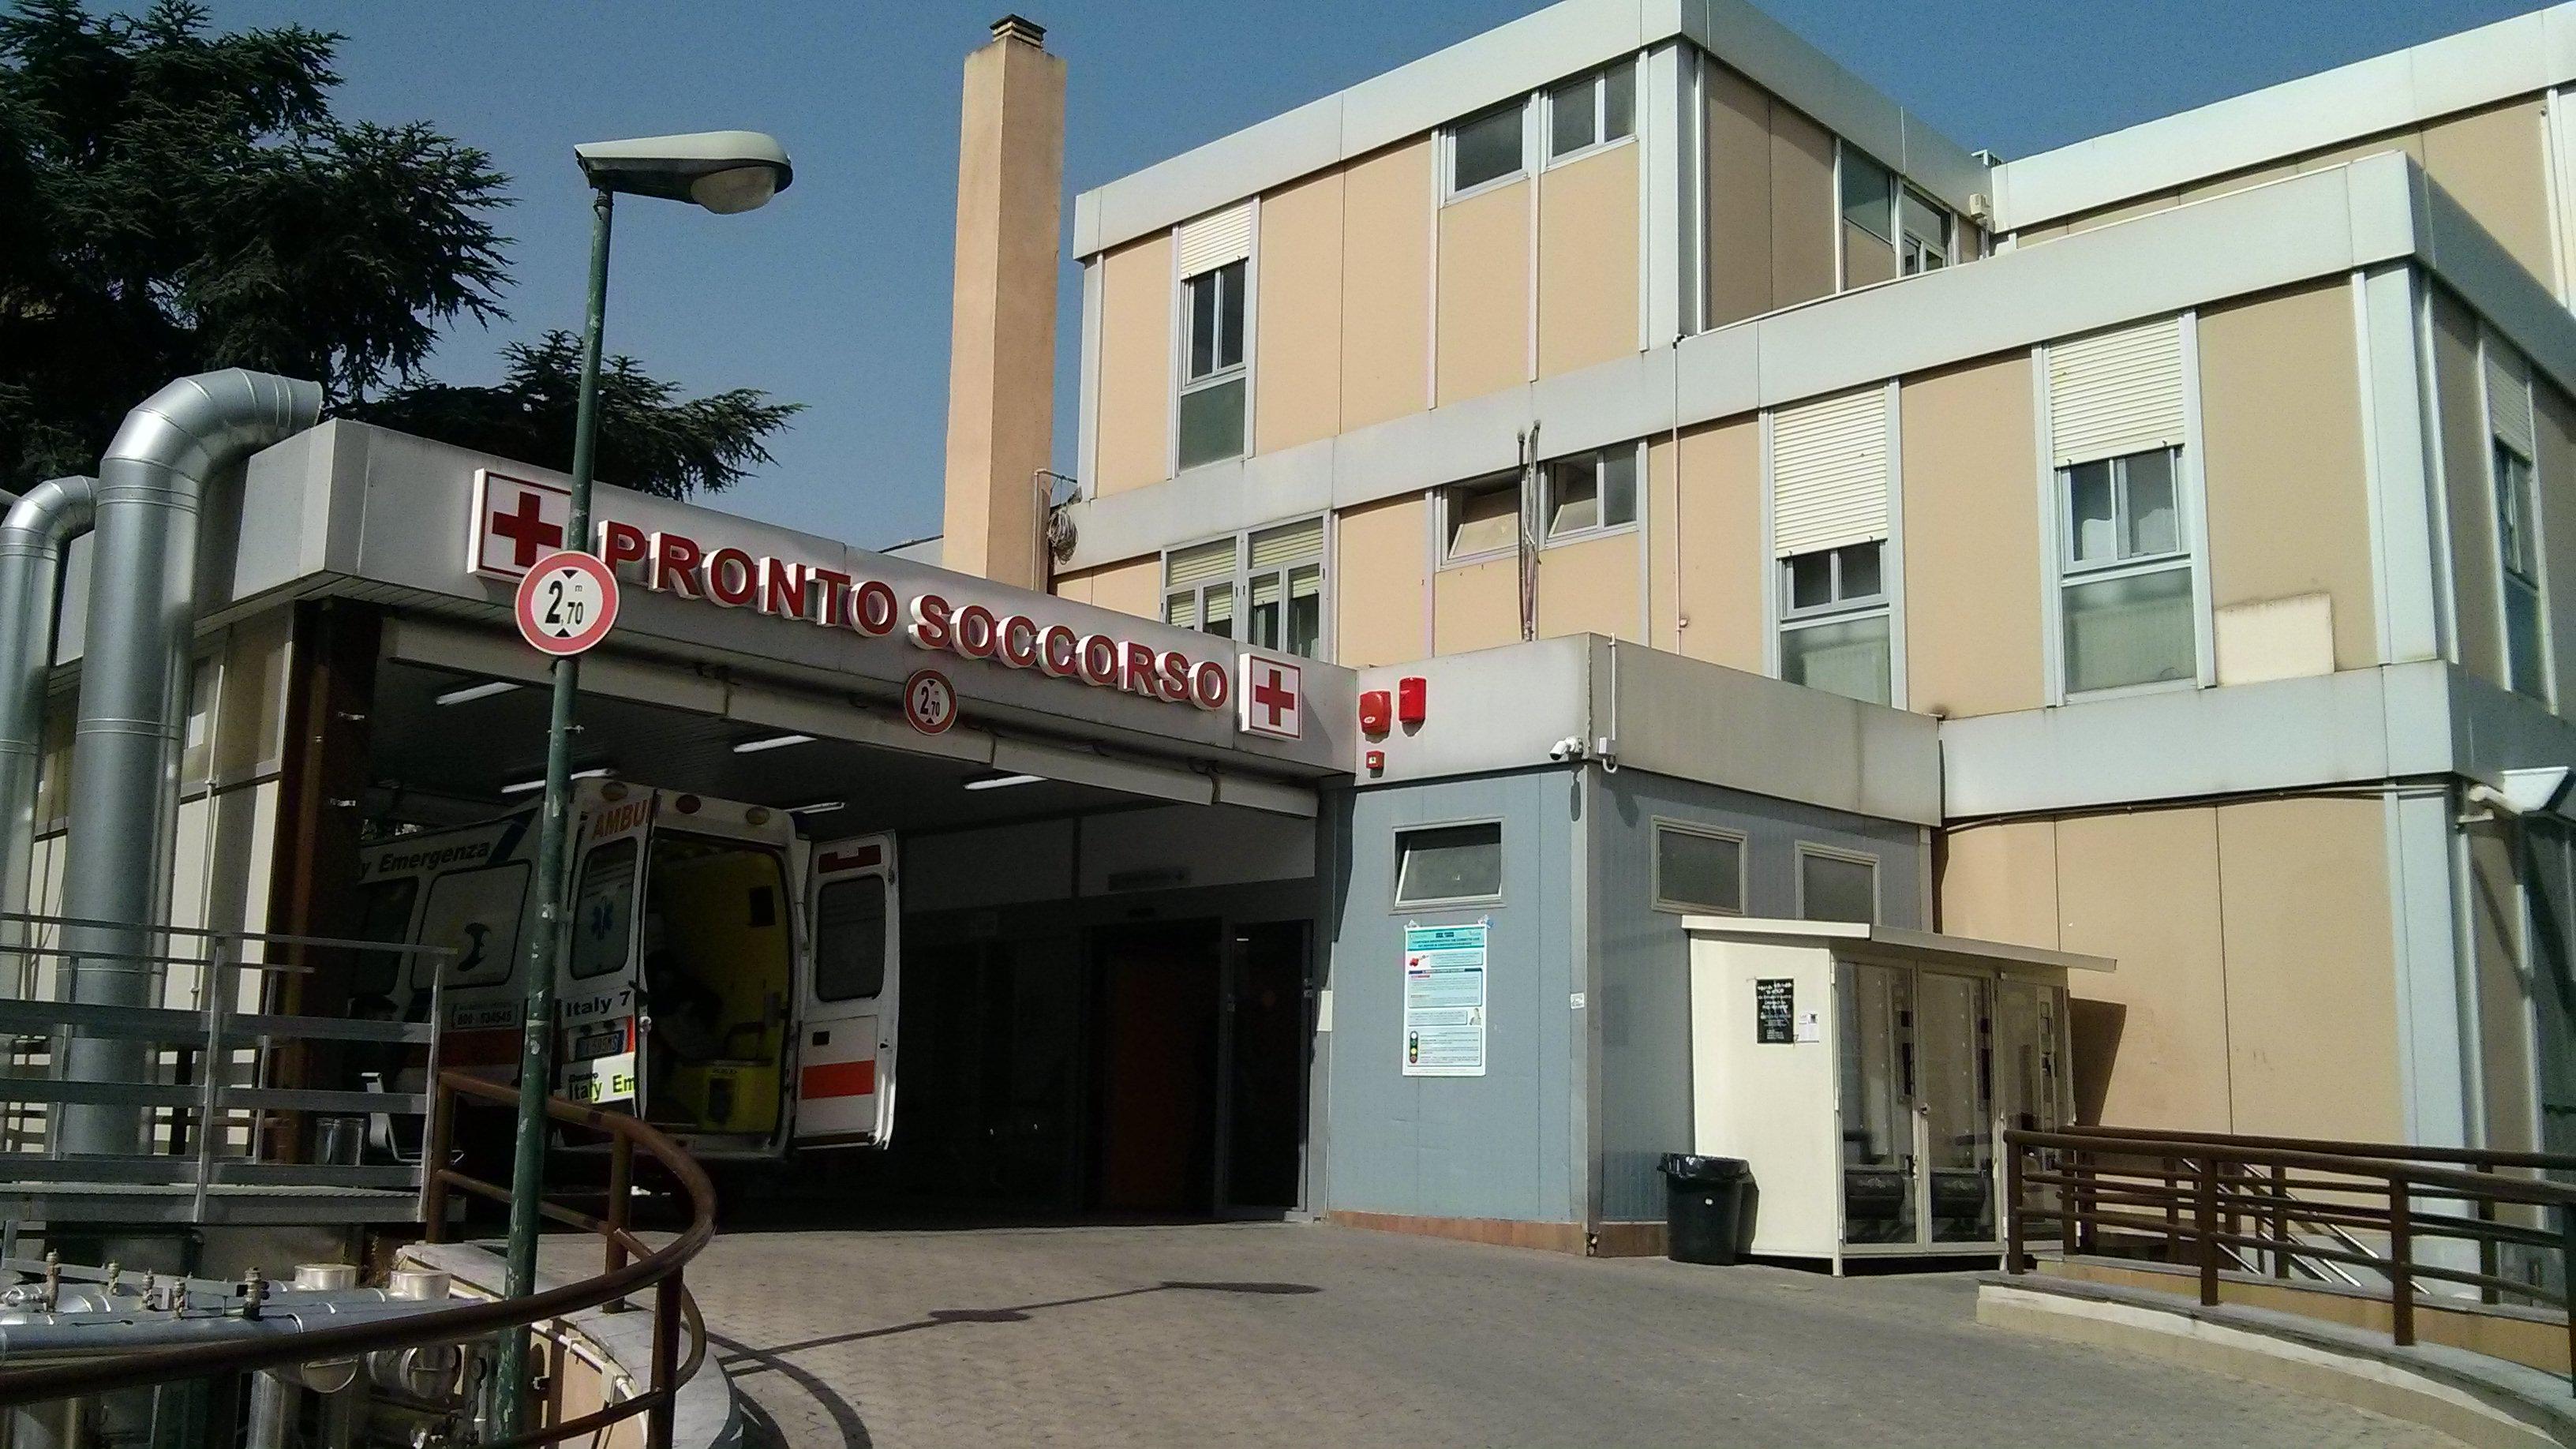 policlinico palermo indirizzo di - photo#11